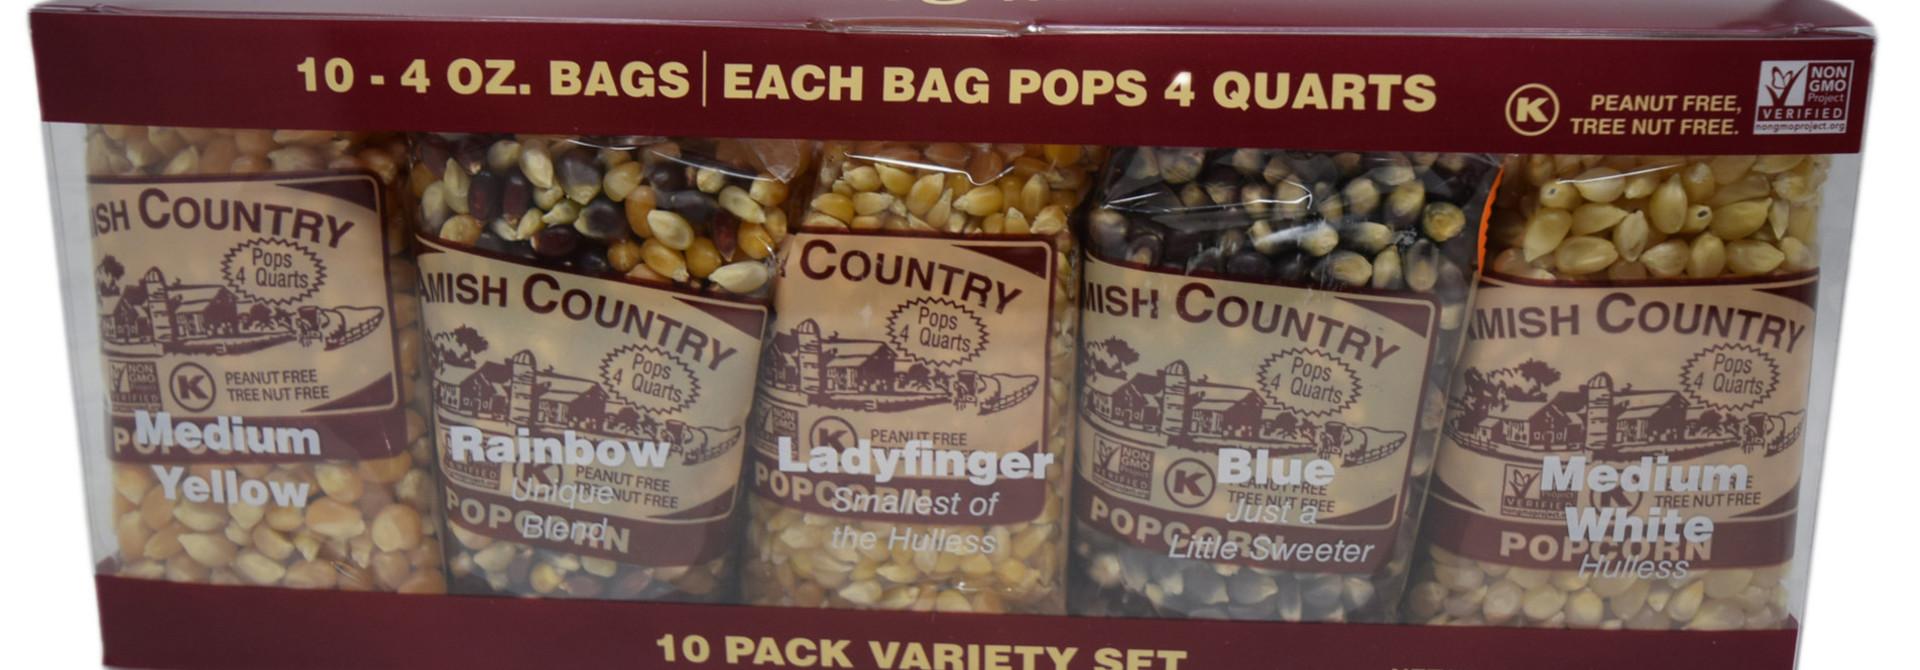 10, 4oz popcorn sampler set